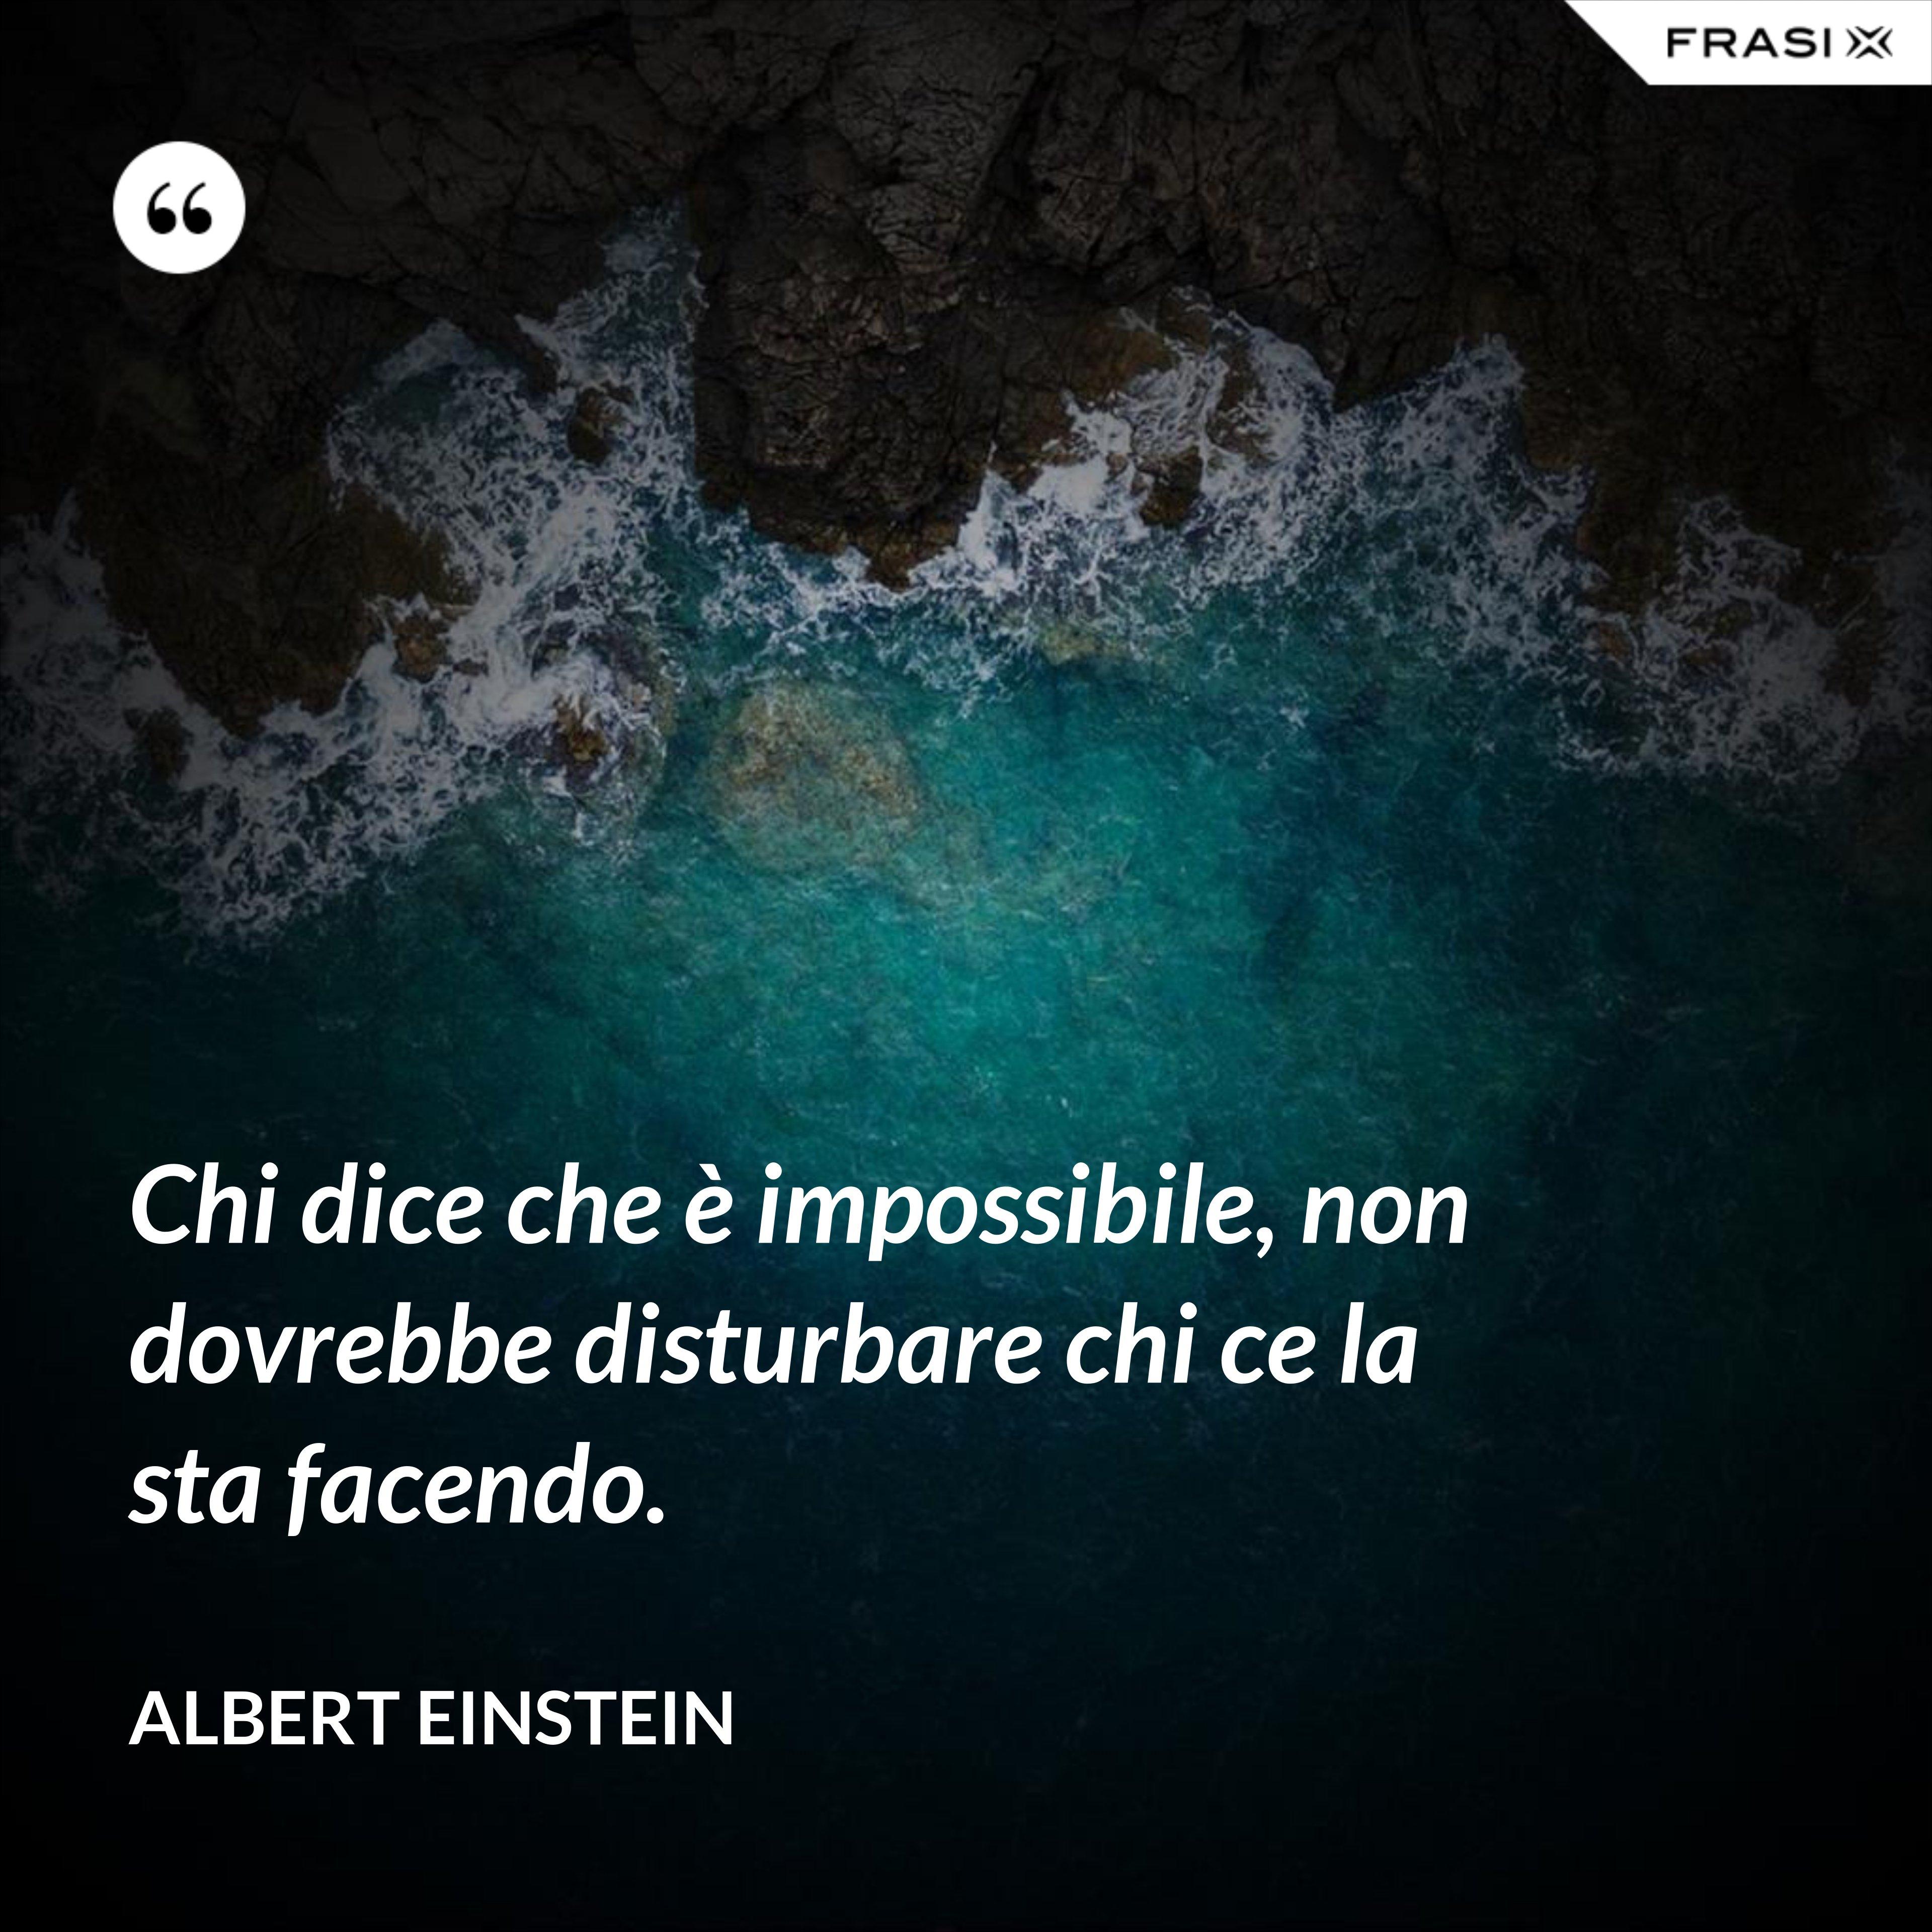 Chi dice che è impossibile, non dovrebbe disturbare chi ce la sta facendo. - Albert Einstein